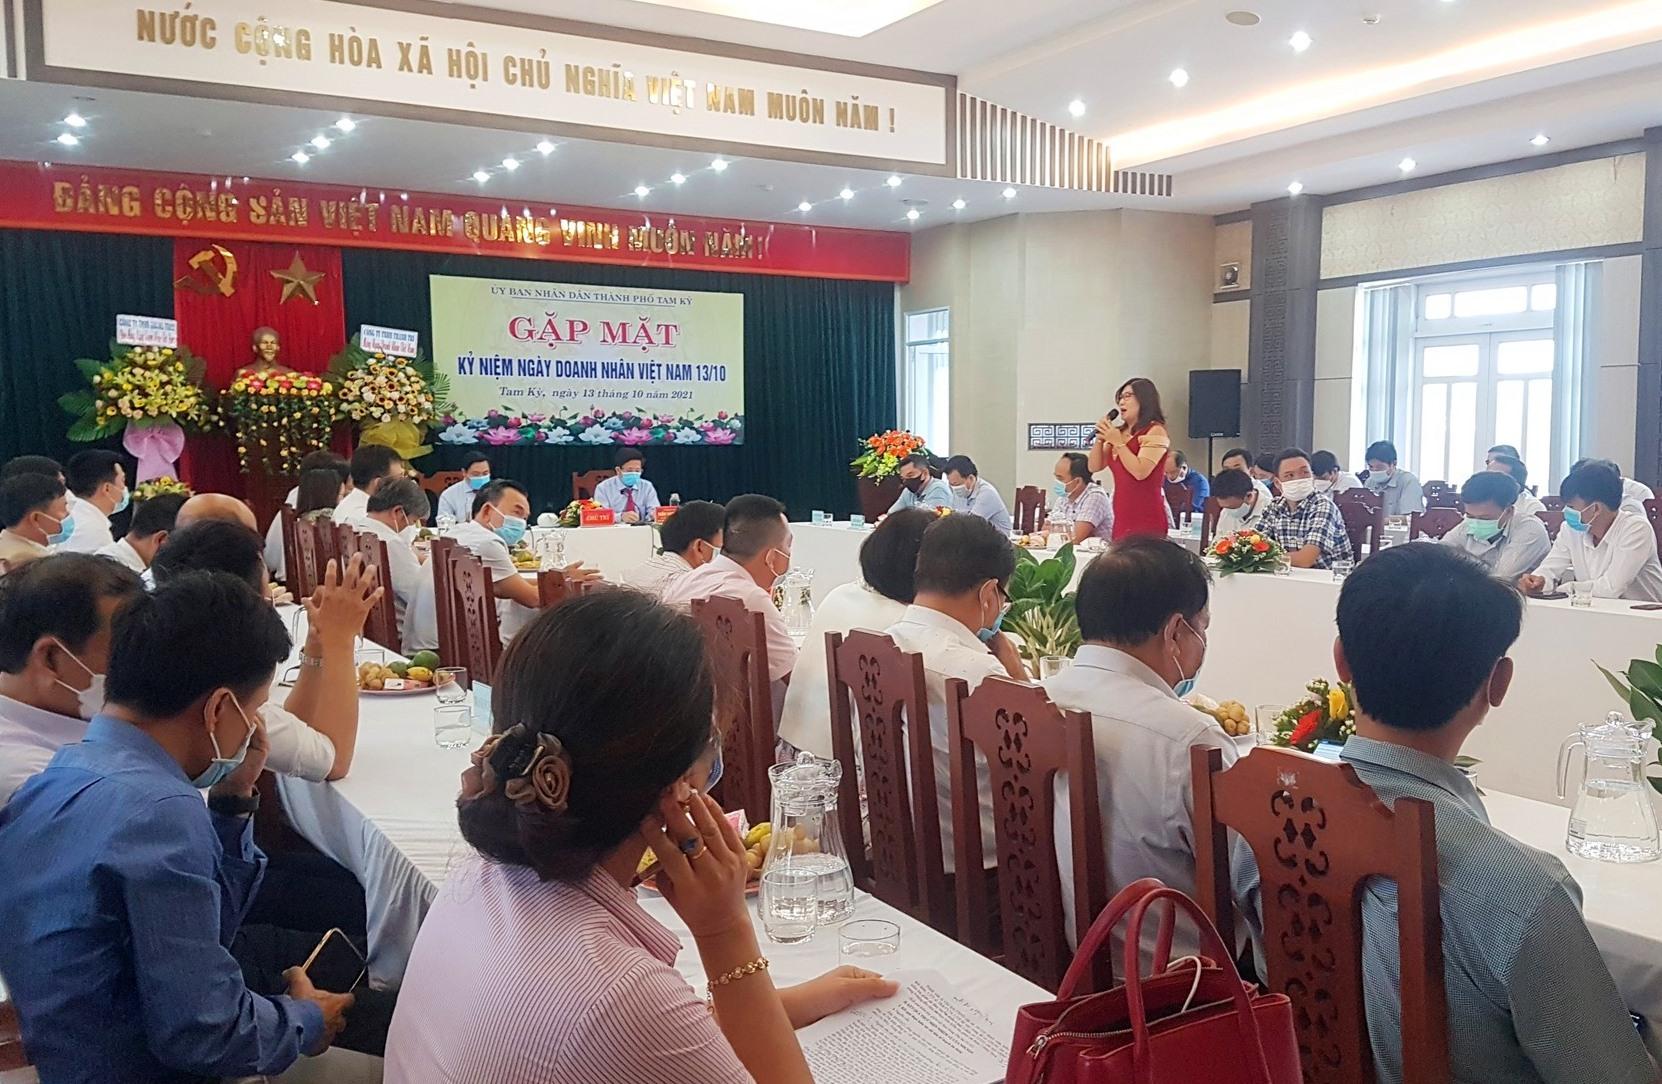 TP.Tam Kỳ tổ chức gặp mặt doanh nghiệp nhân Ngày Doanh nhân Việt Nam 13.10.